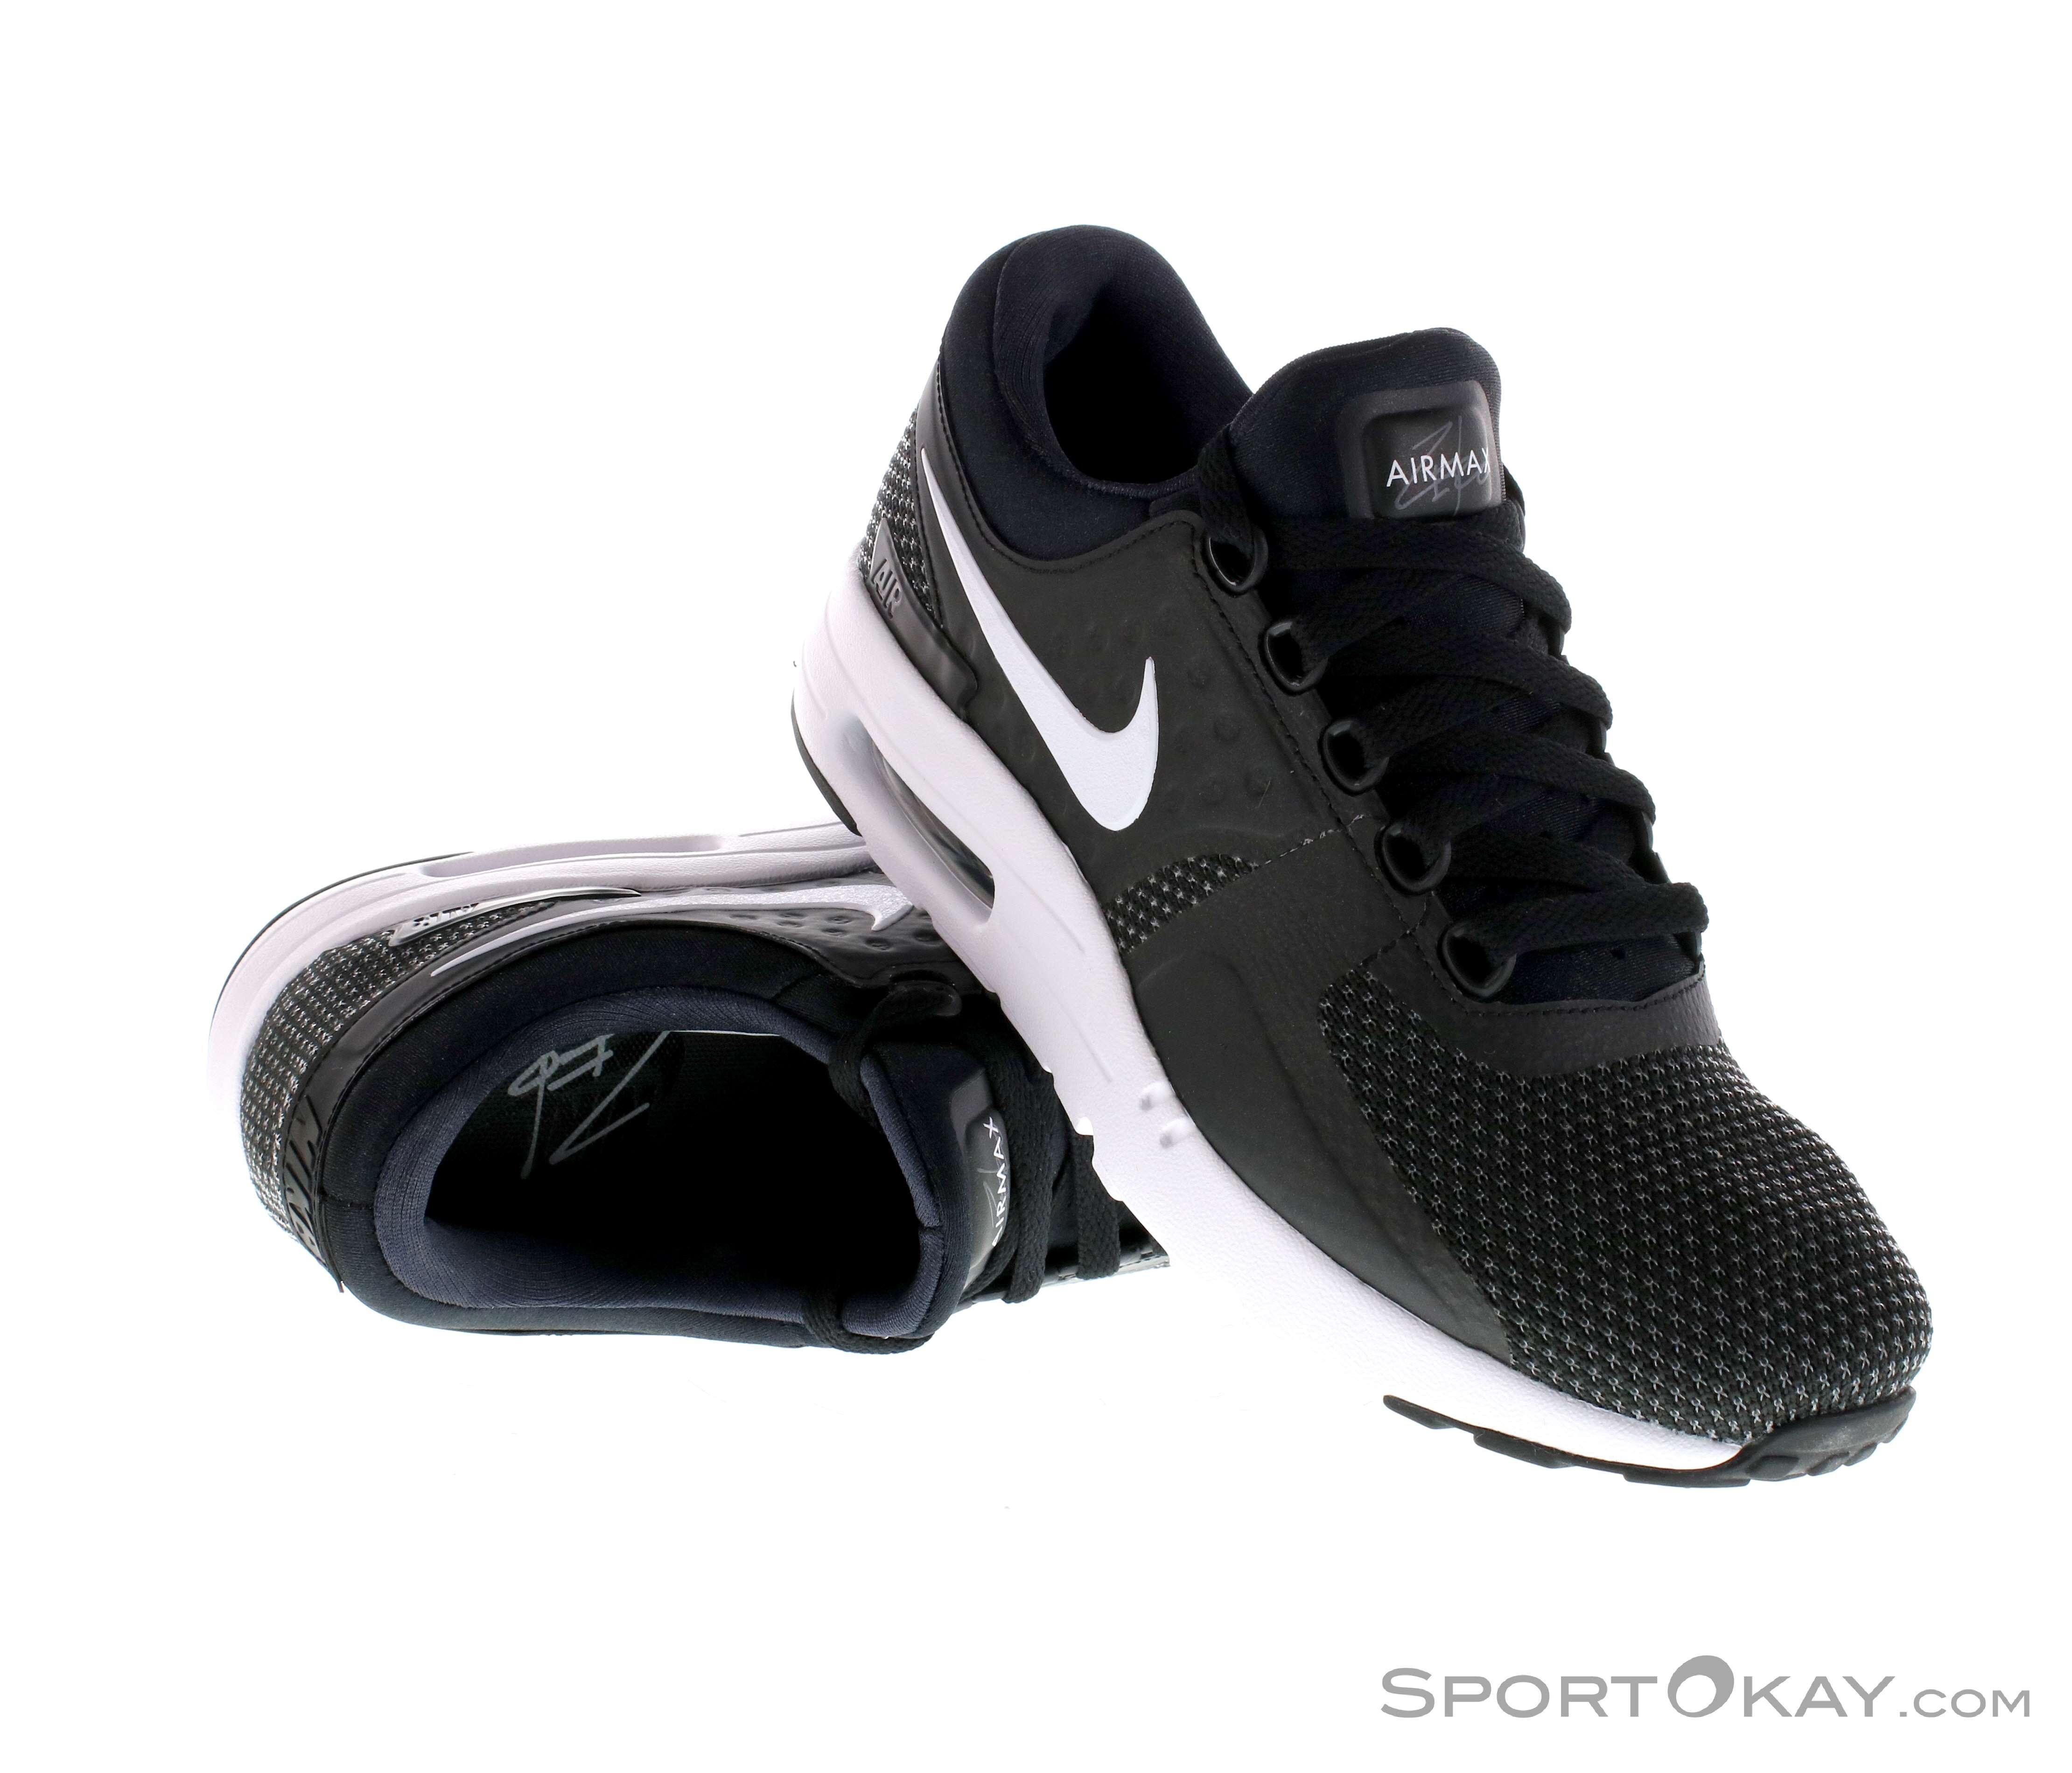 san francisco 7d215 80d15 Nike Nike Air Max Zero Essential Mens Leisure Shoes